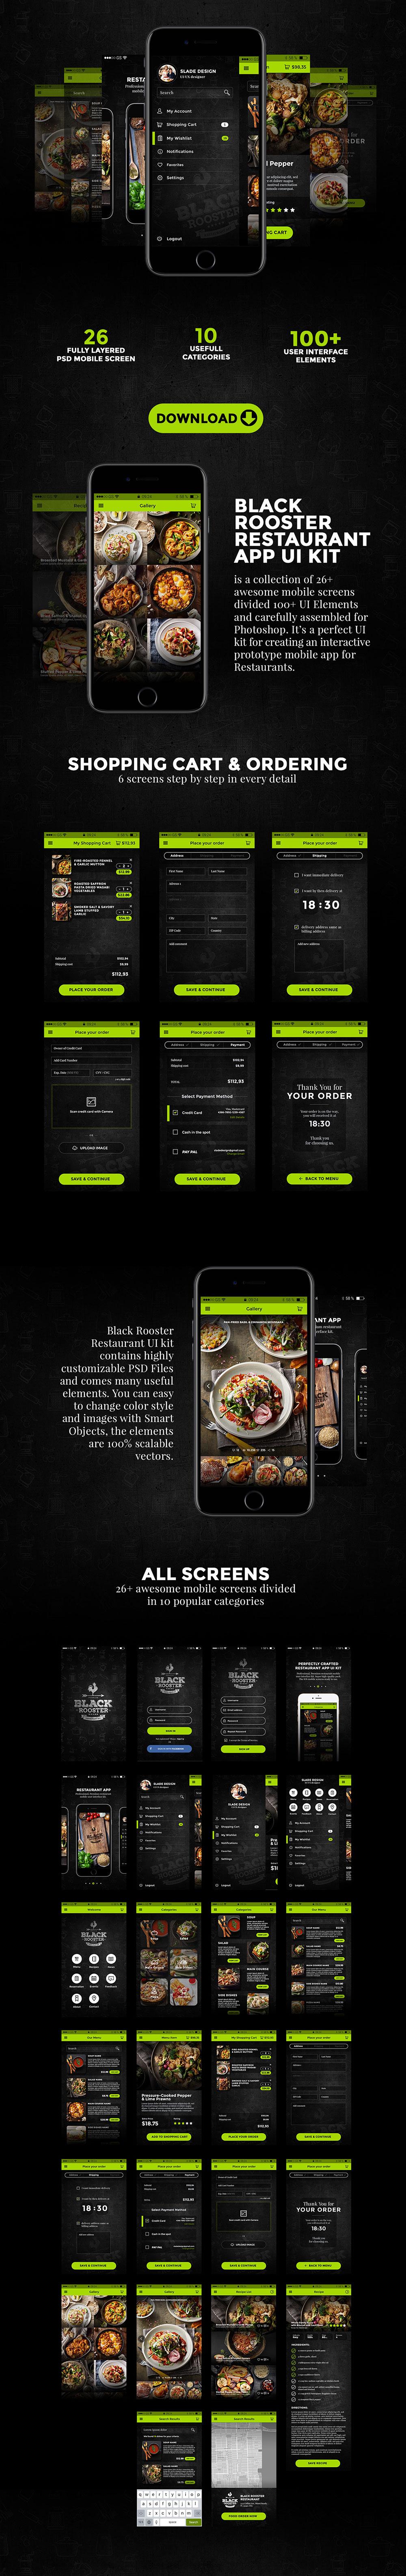 餐饮类的APP UI Kits下载[PSD,For 点餐O2O]